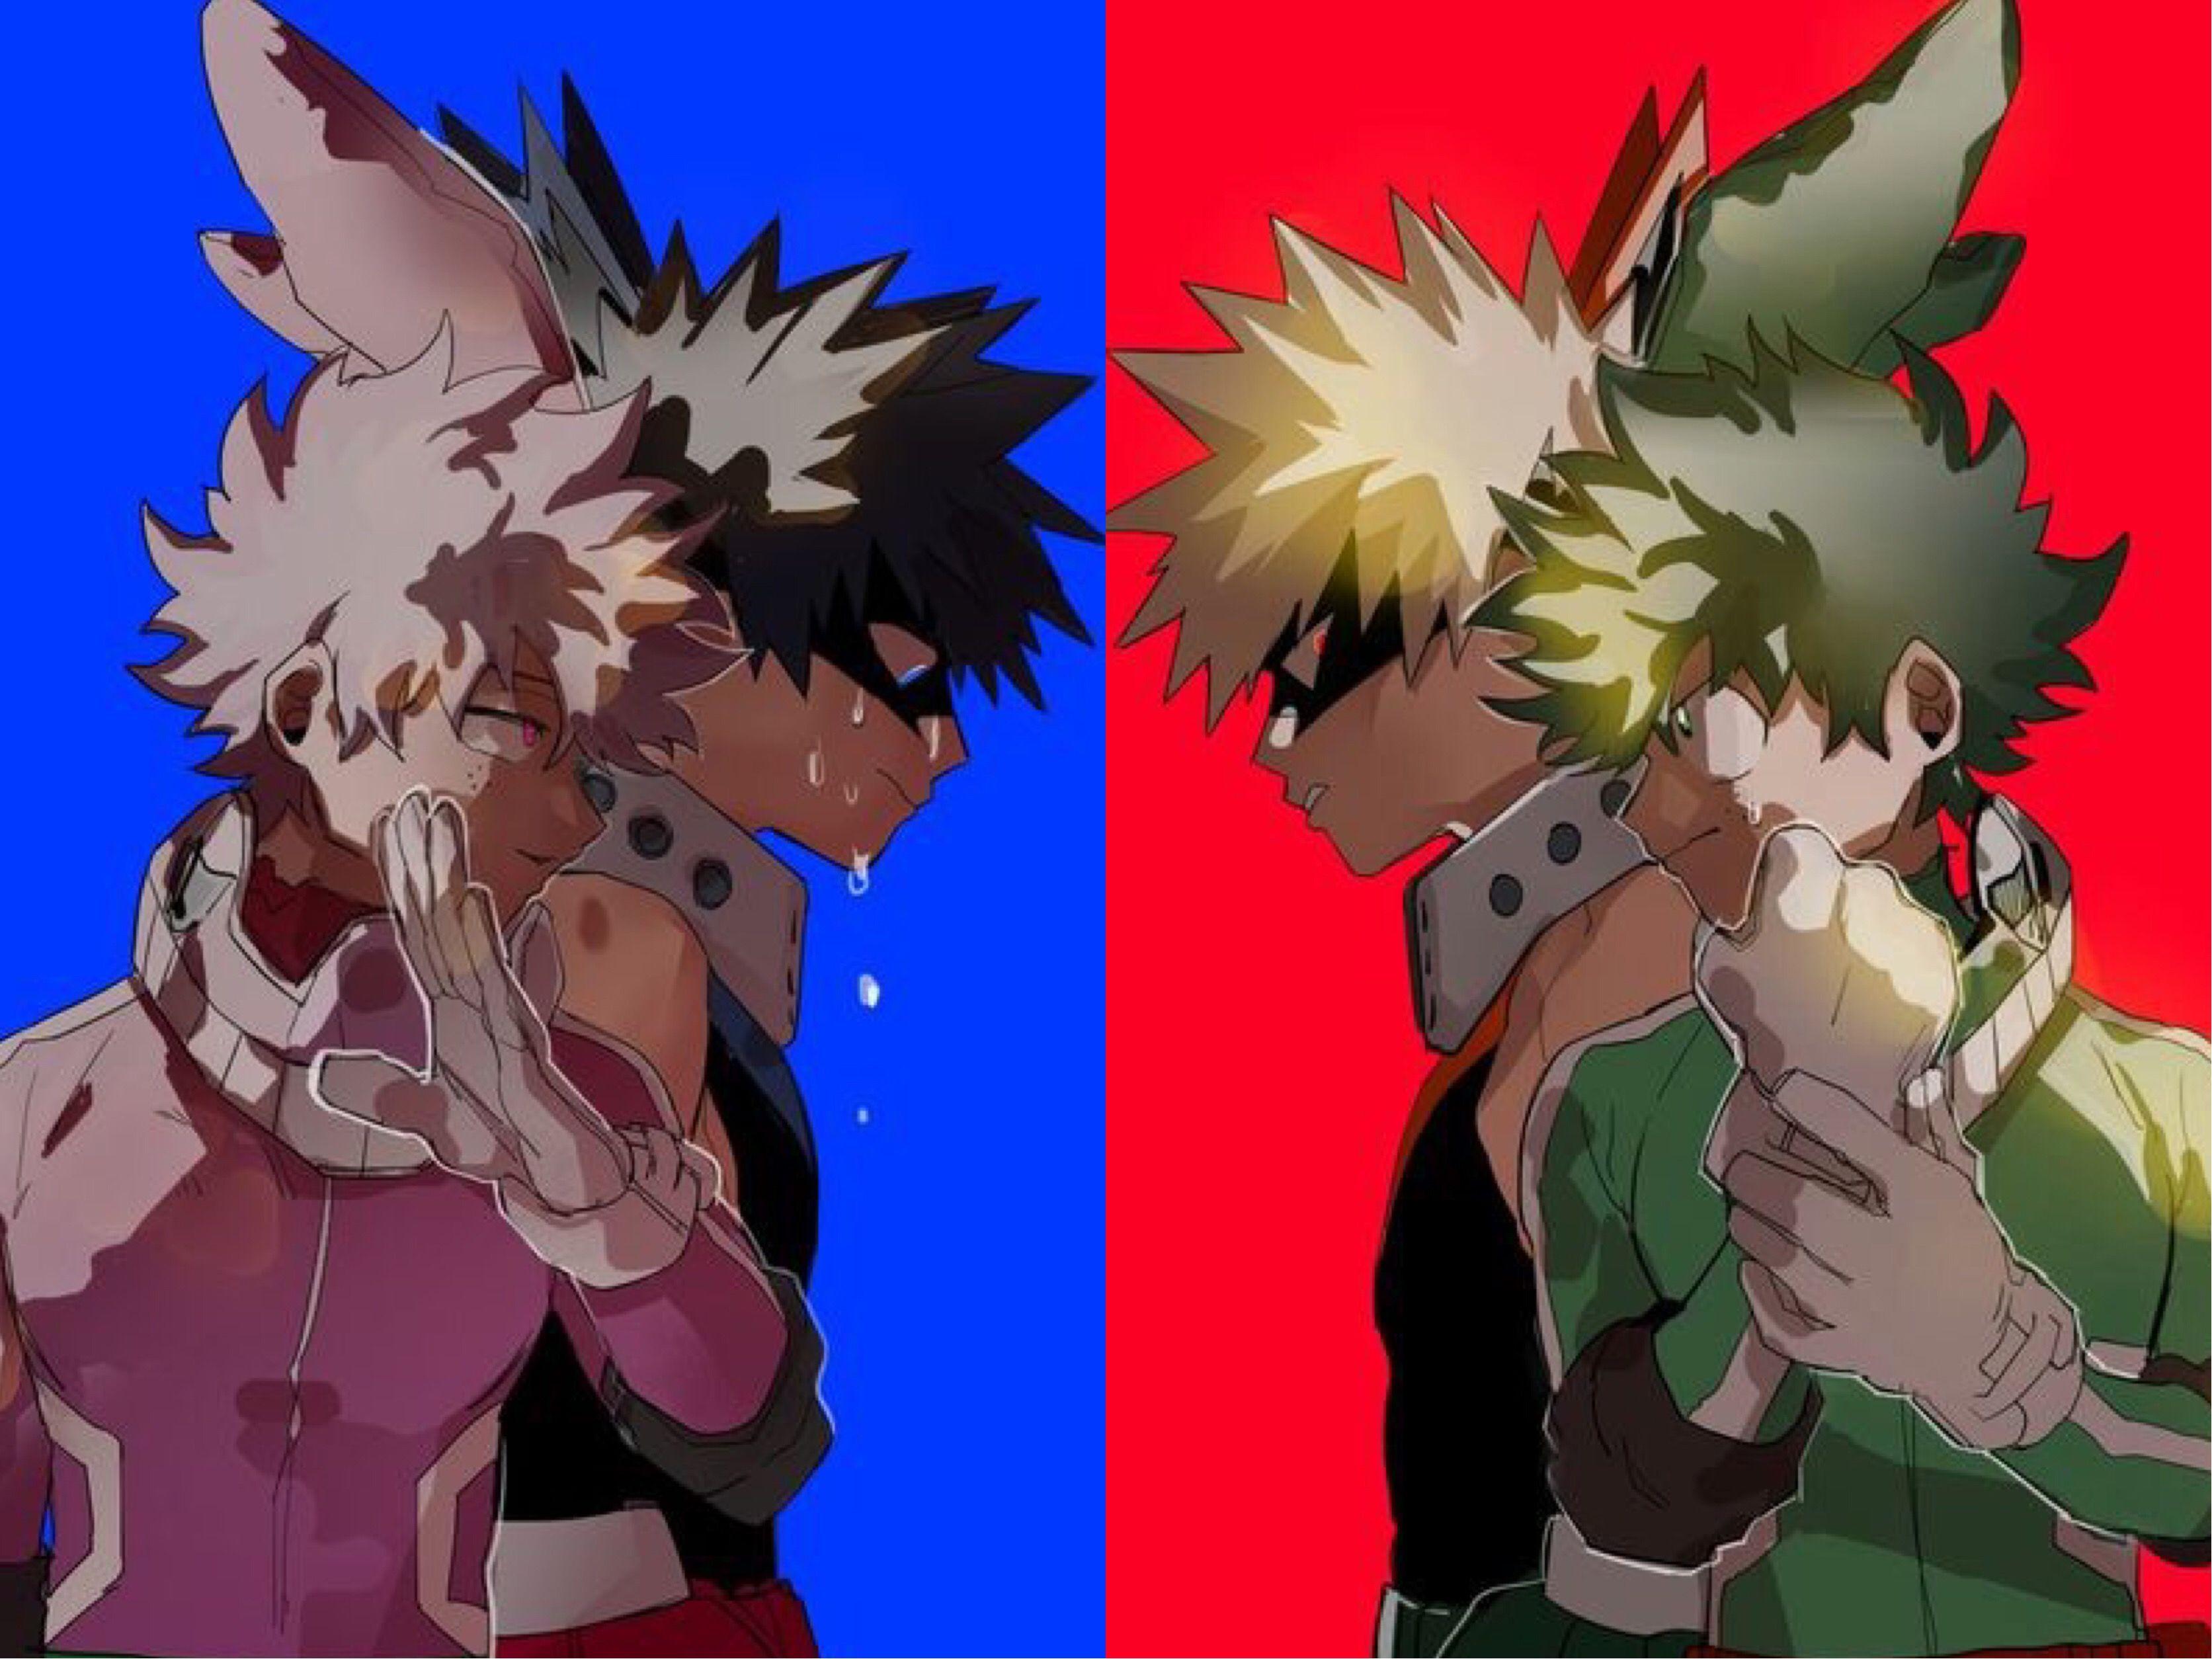 Midoriya Izuku Katsuki Bakugou Villain Versions Vs Midoriya Izuku Katsuki Bakugou Hero Versions Actuall Hero Wallpaper My Hero Academia Villain Deku